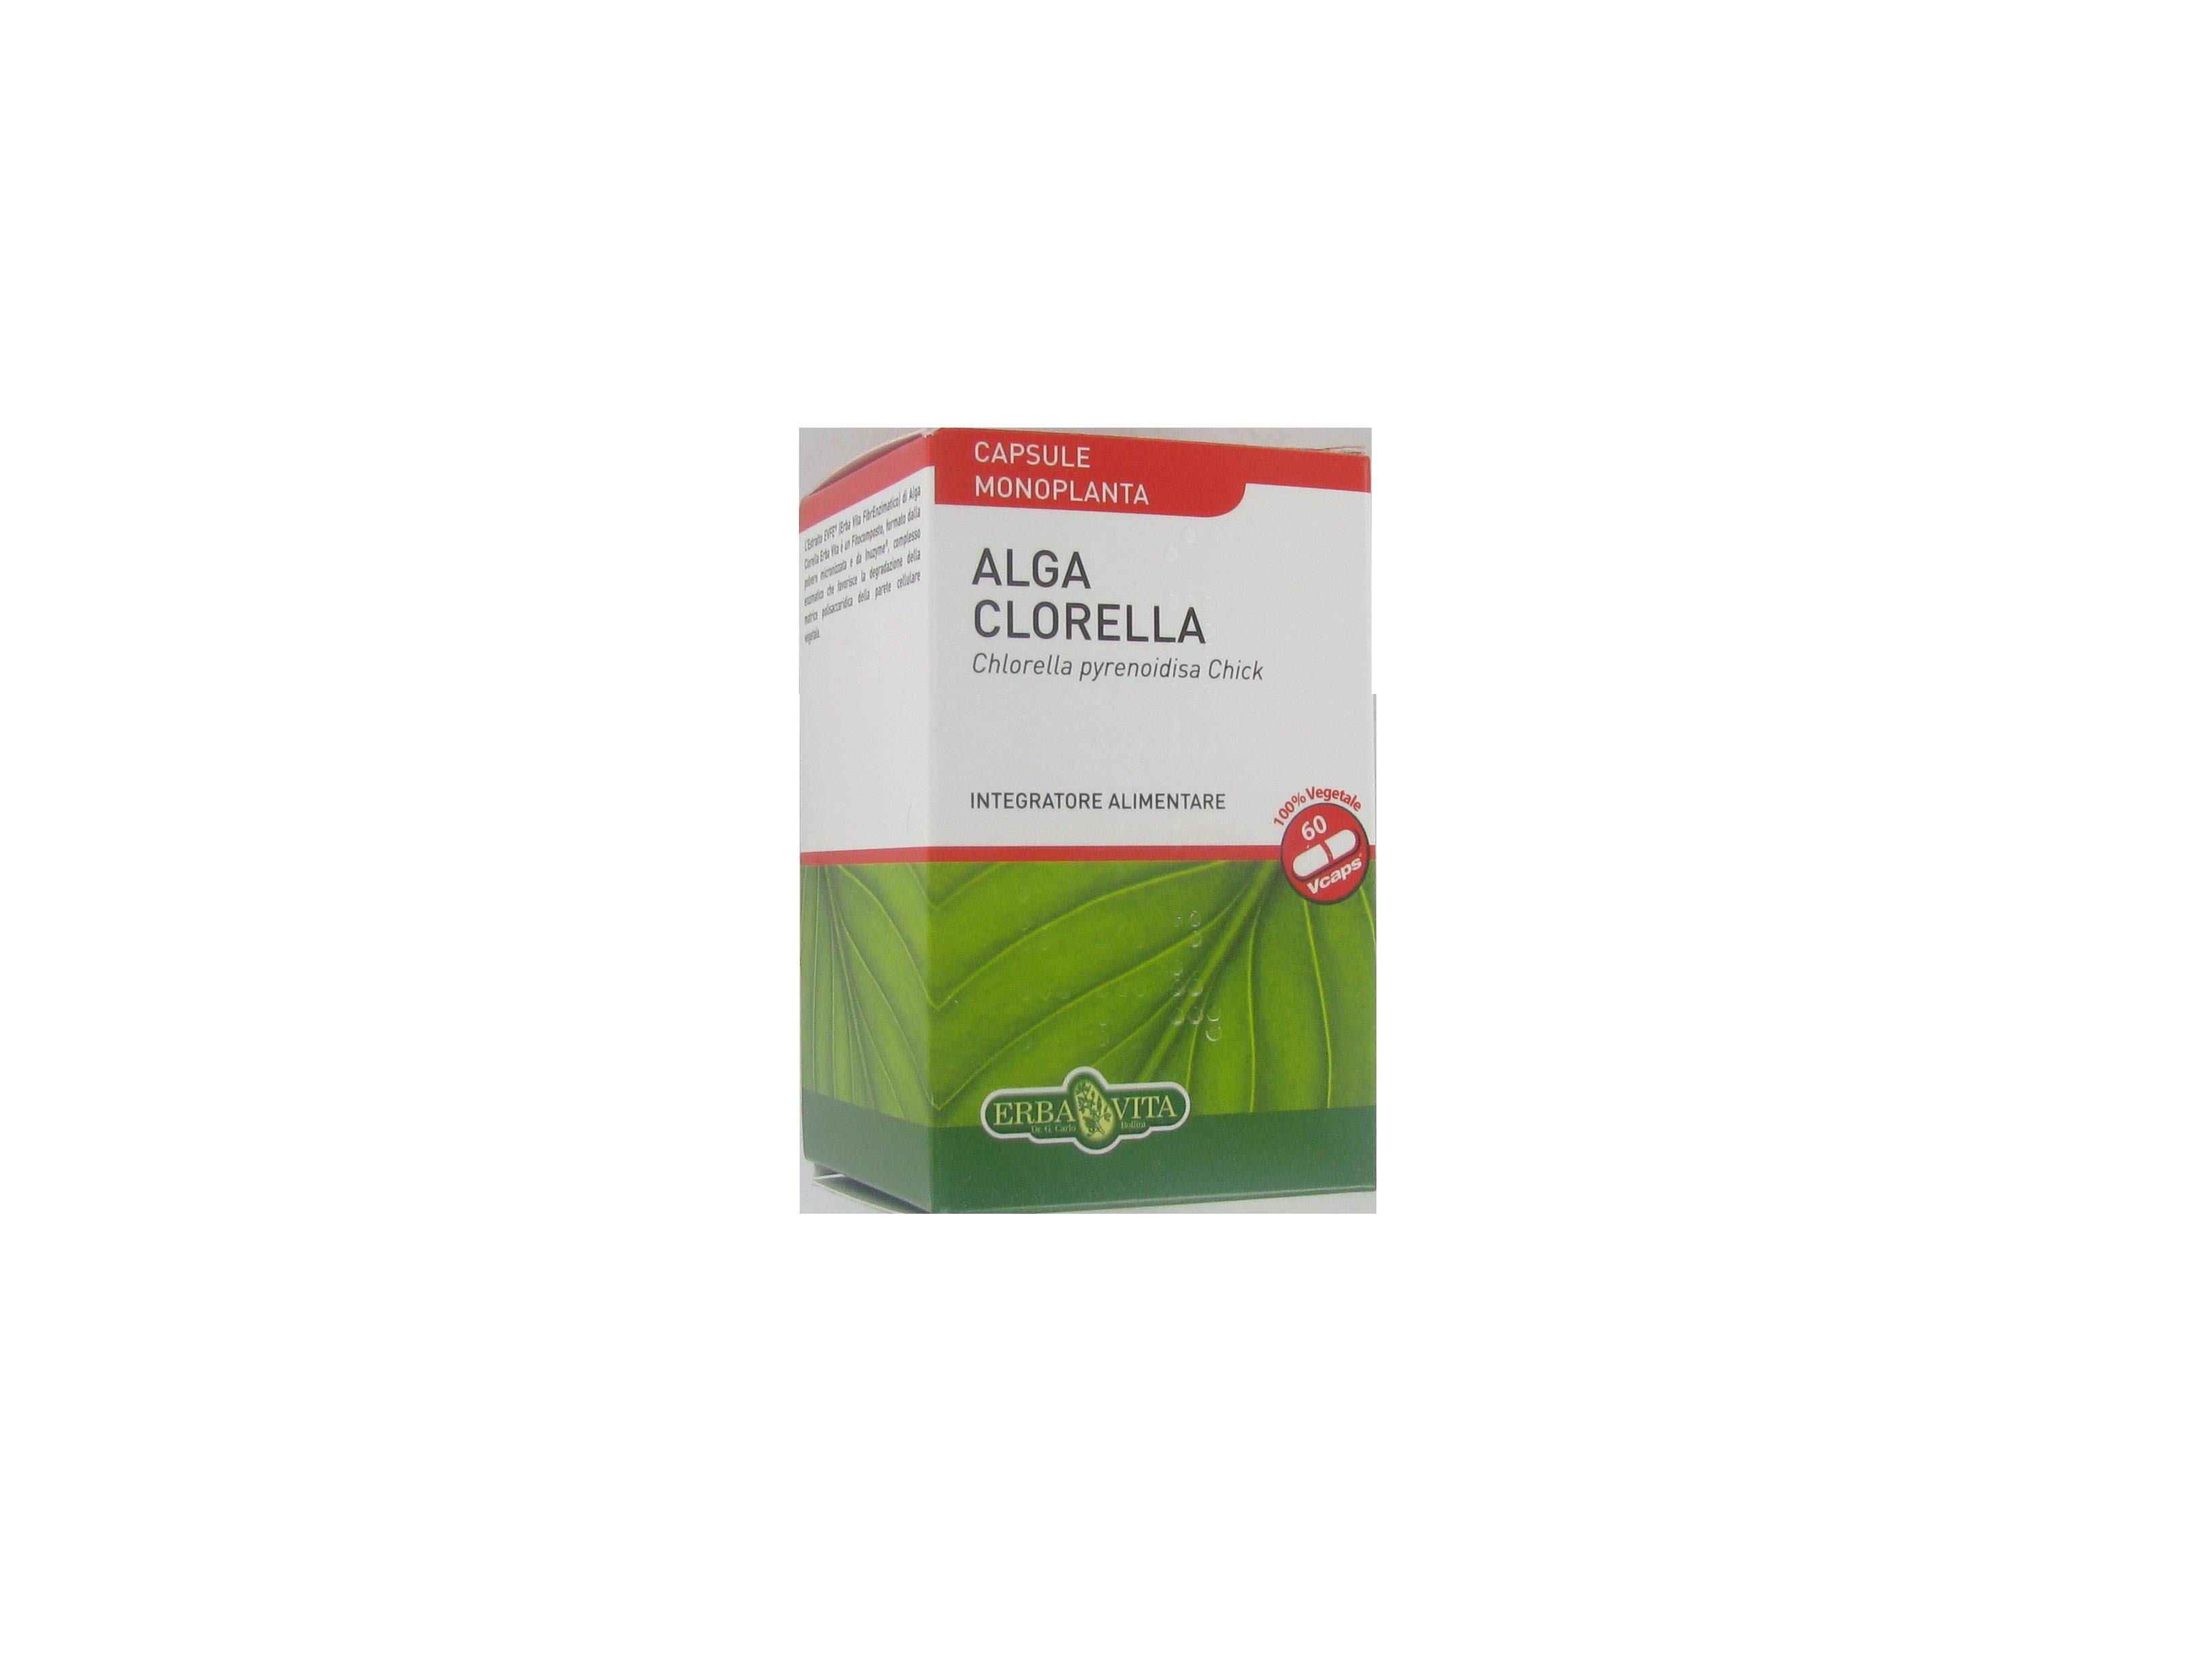 alga clorella capsule